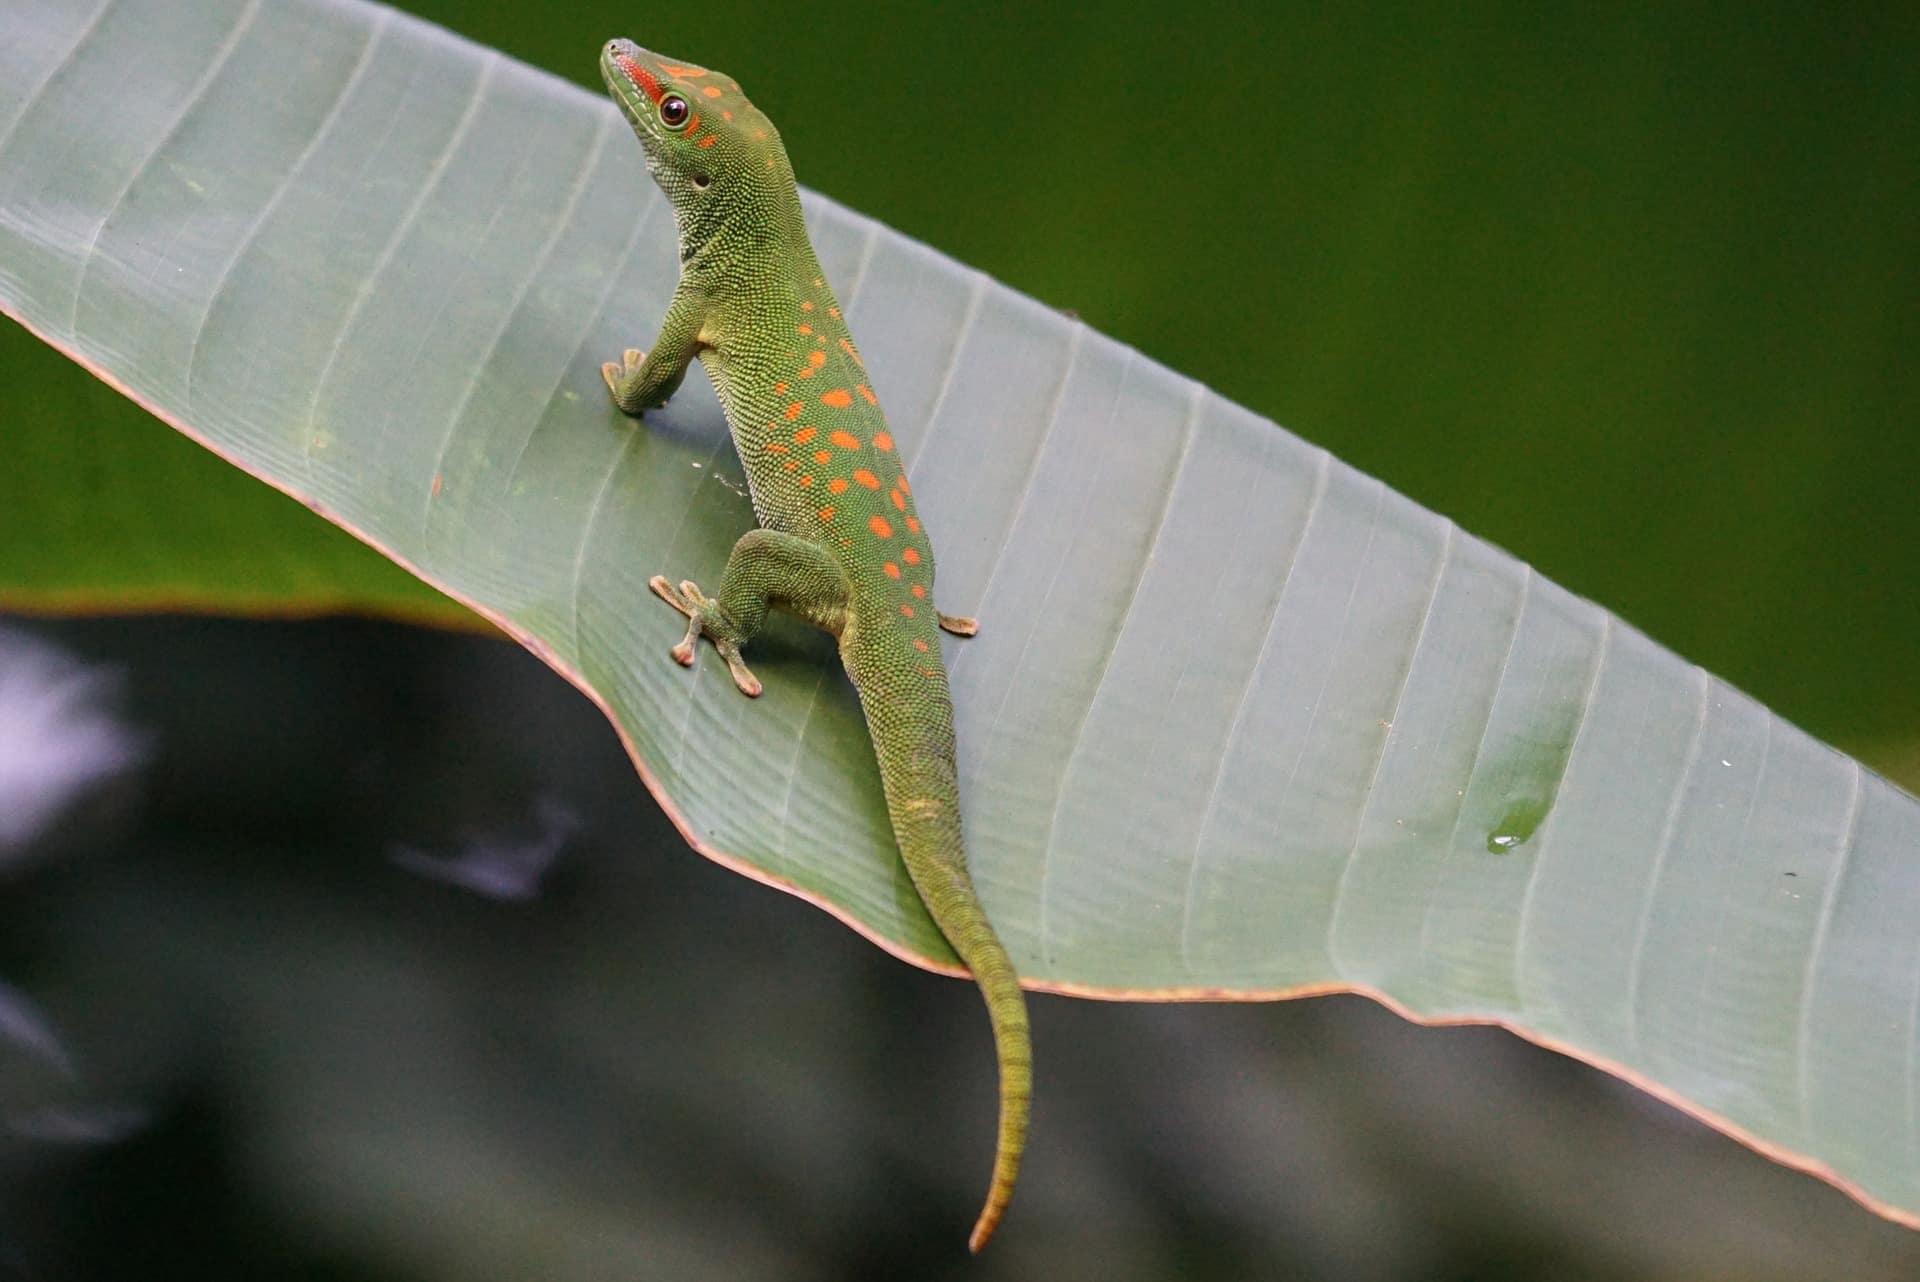 der Madagaskar-Taggecko